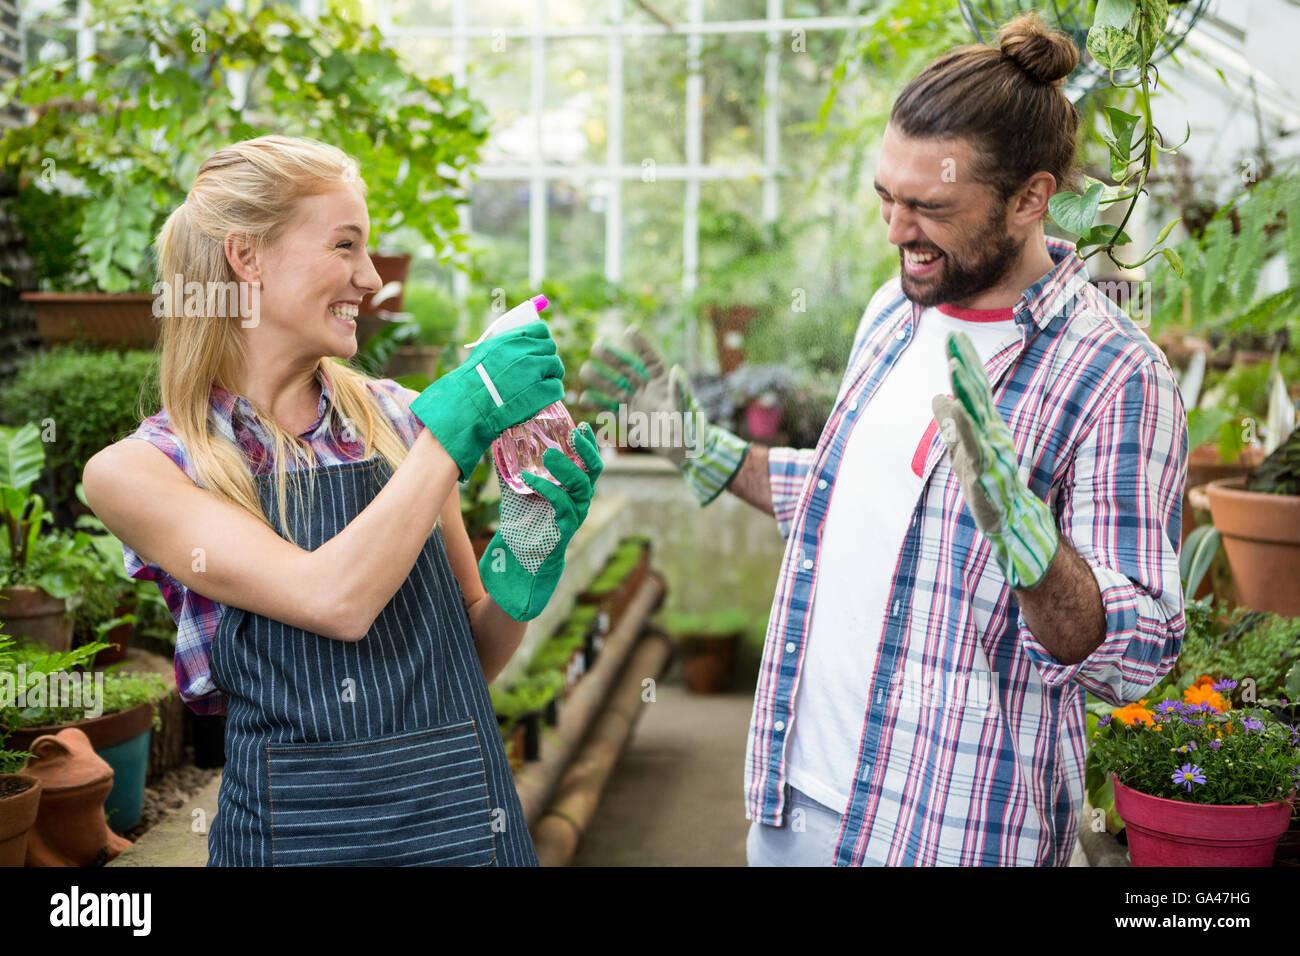 Fröhlicher Gärtner Sprühwasser auf Kollegen im Gewächshaus Stockbild